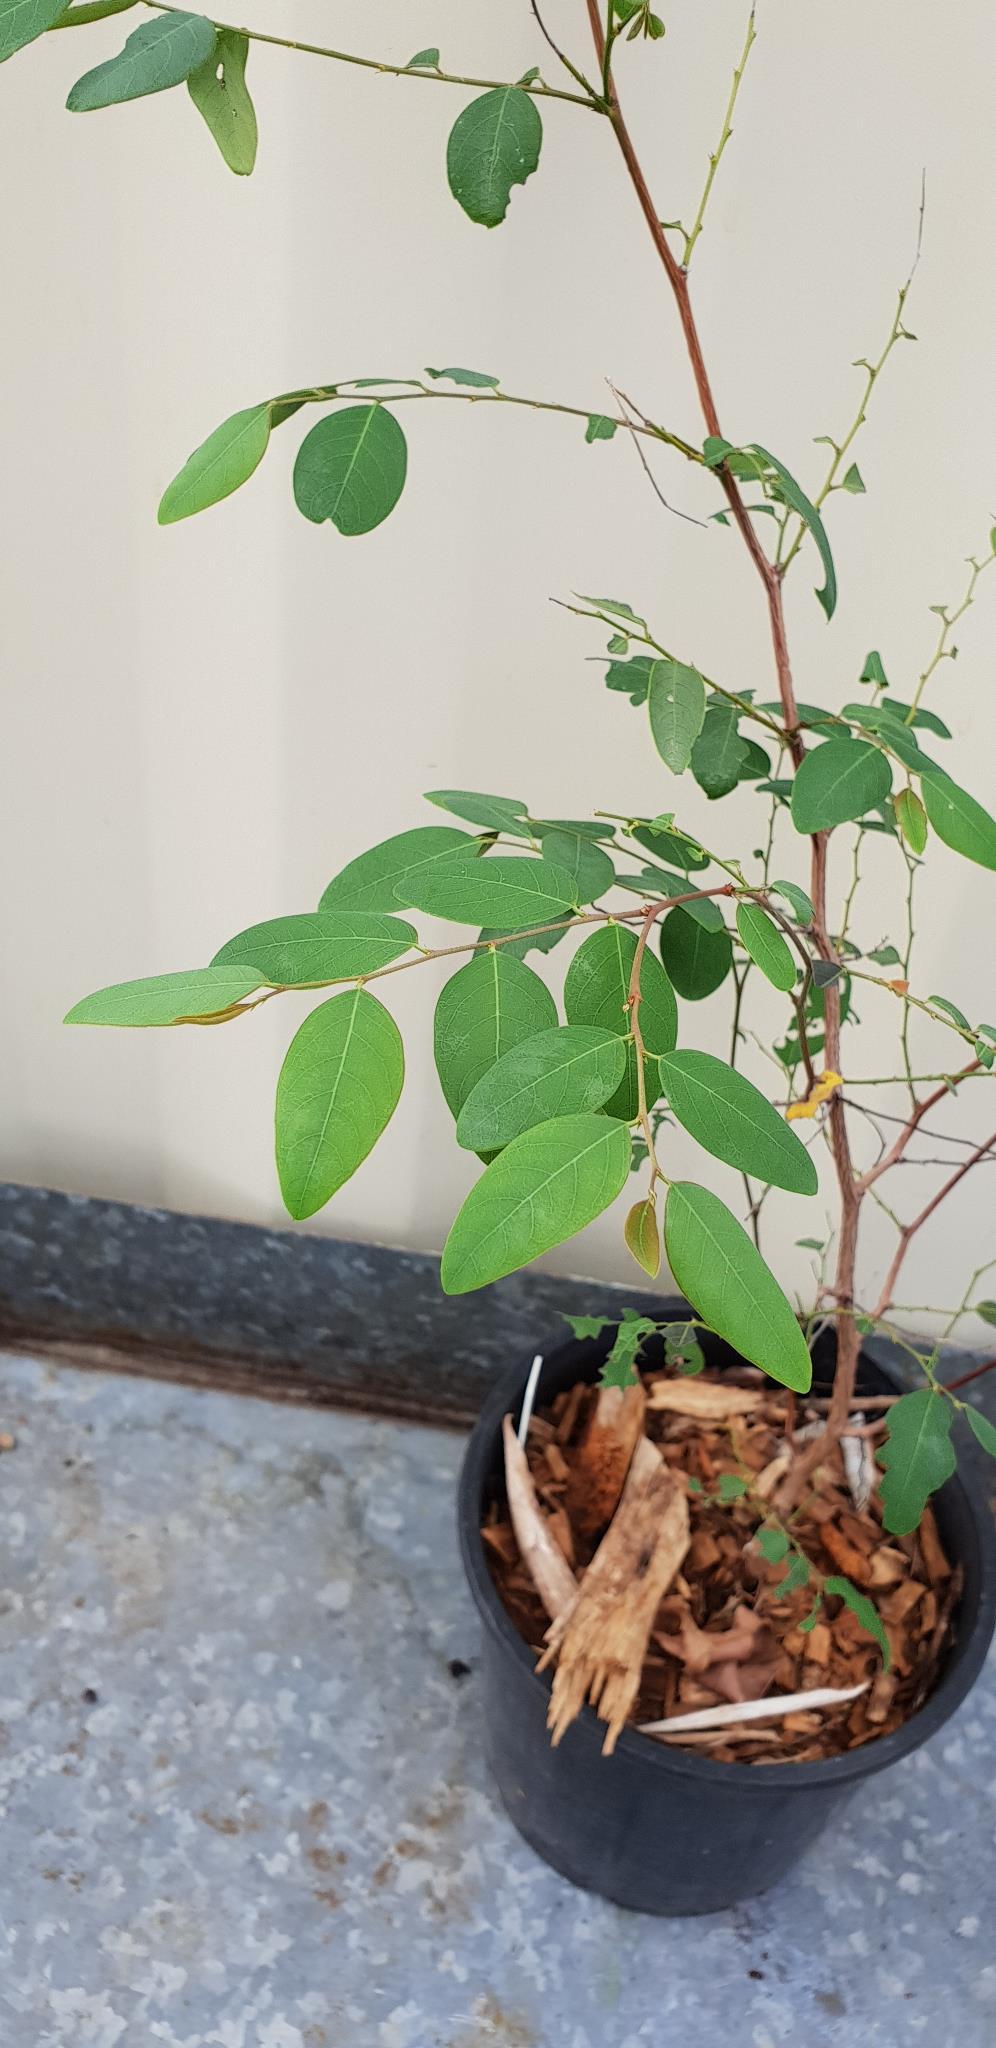 Breynia - Coffee Bush